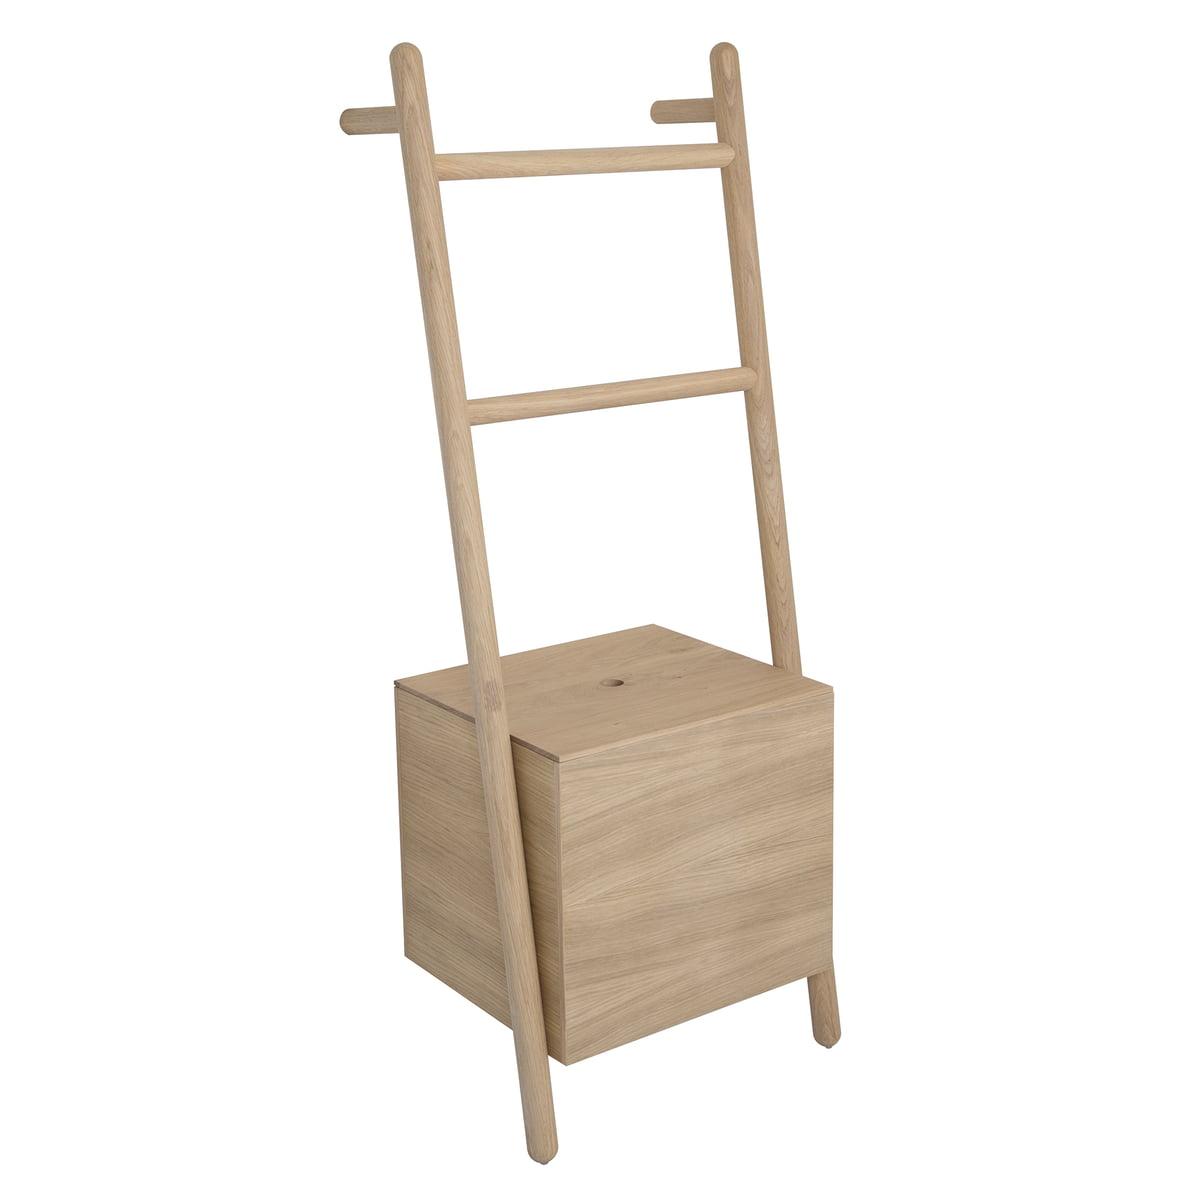 tag re chelle lokks par kommod connox. Black Bedroom Furniture Sets. Home Design Ideas